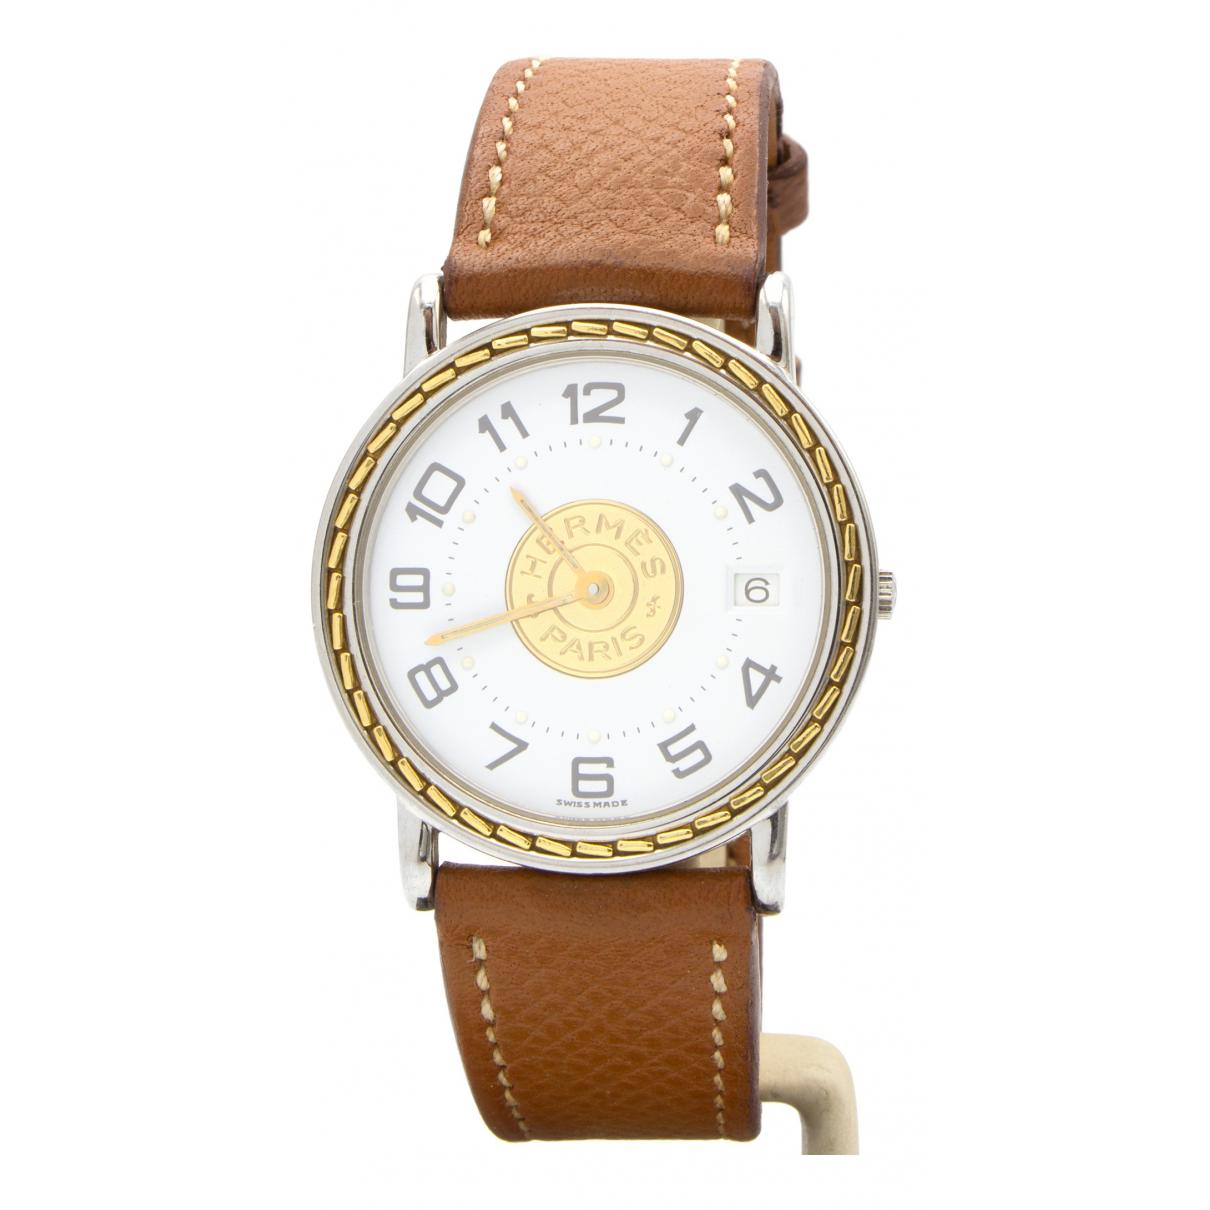 Hermes Sellier Uhr in  Silber Gold und Stahl